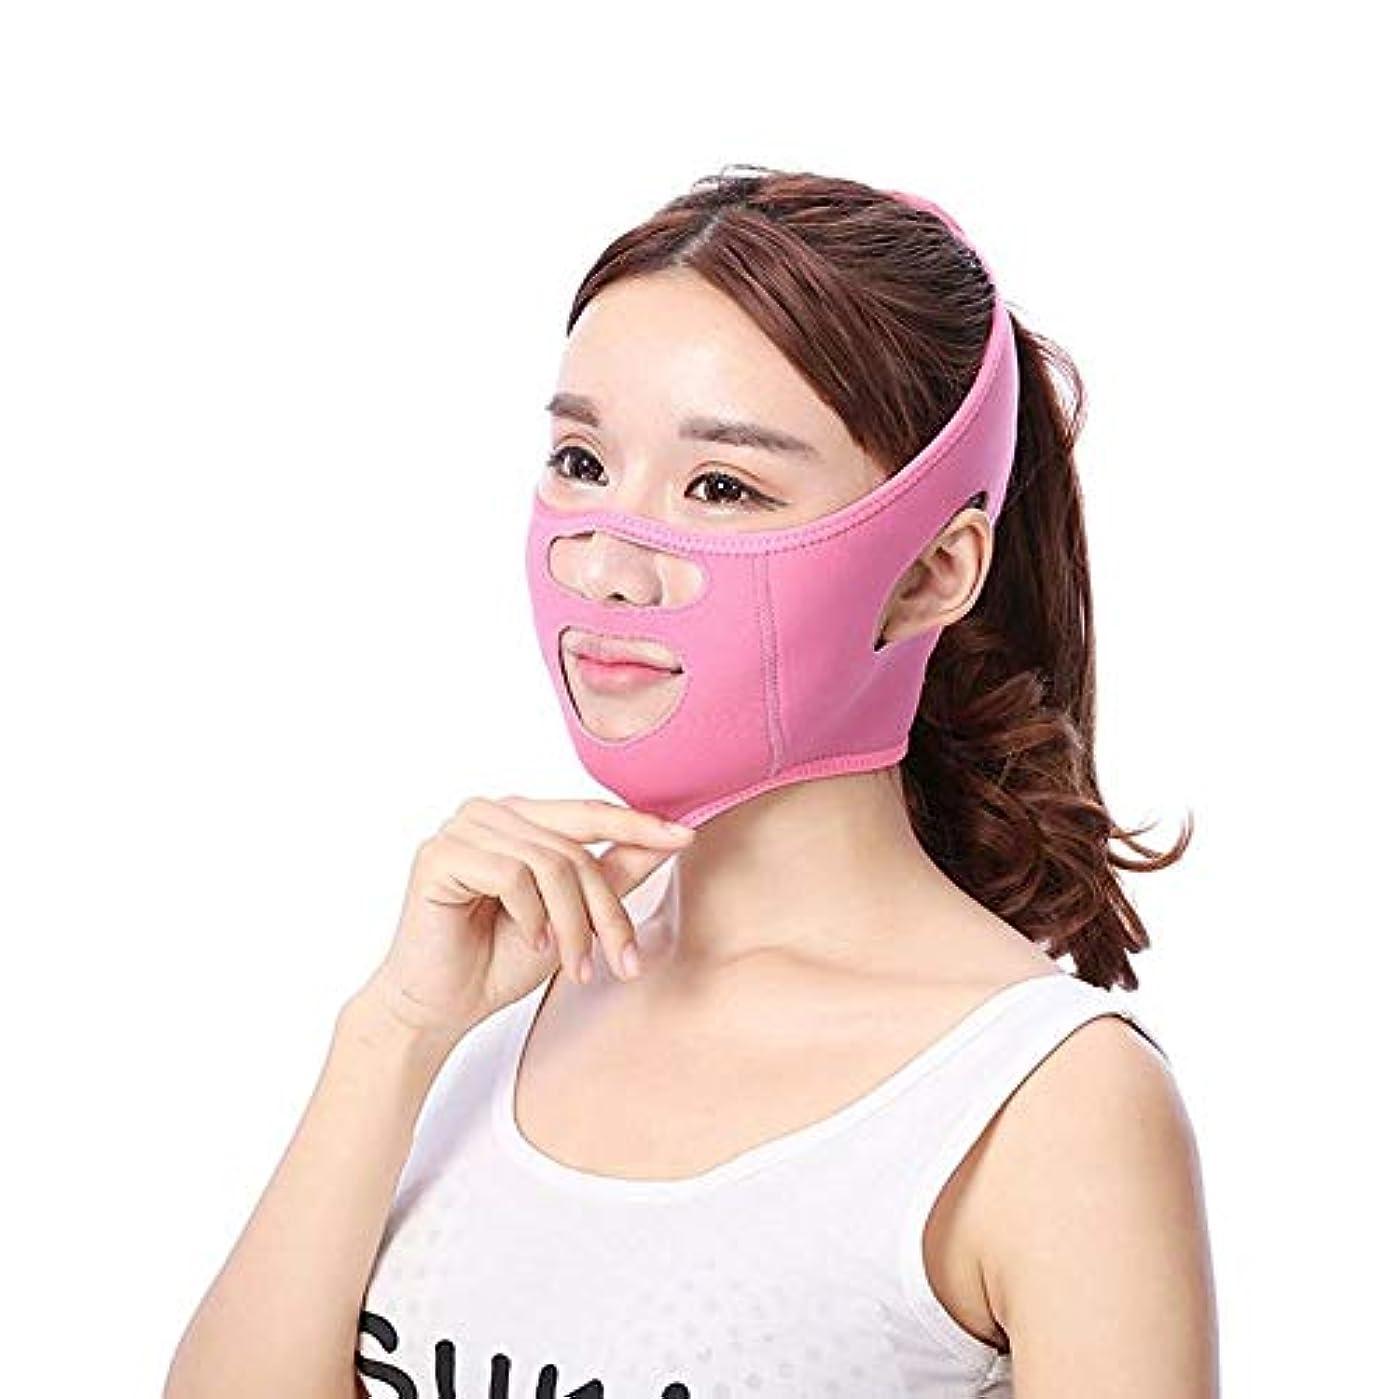 つづりクスコ麦芽Jia Jia- シンフェイスアーティファクトリフティング引き締めフェイス睡眠包帯フェイシャルリフティングアンチ垂れ下がり法律パターンステッカー8ワード口角 - ピンク 顔面包帯